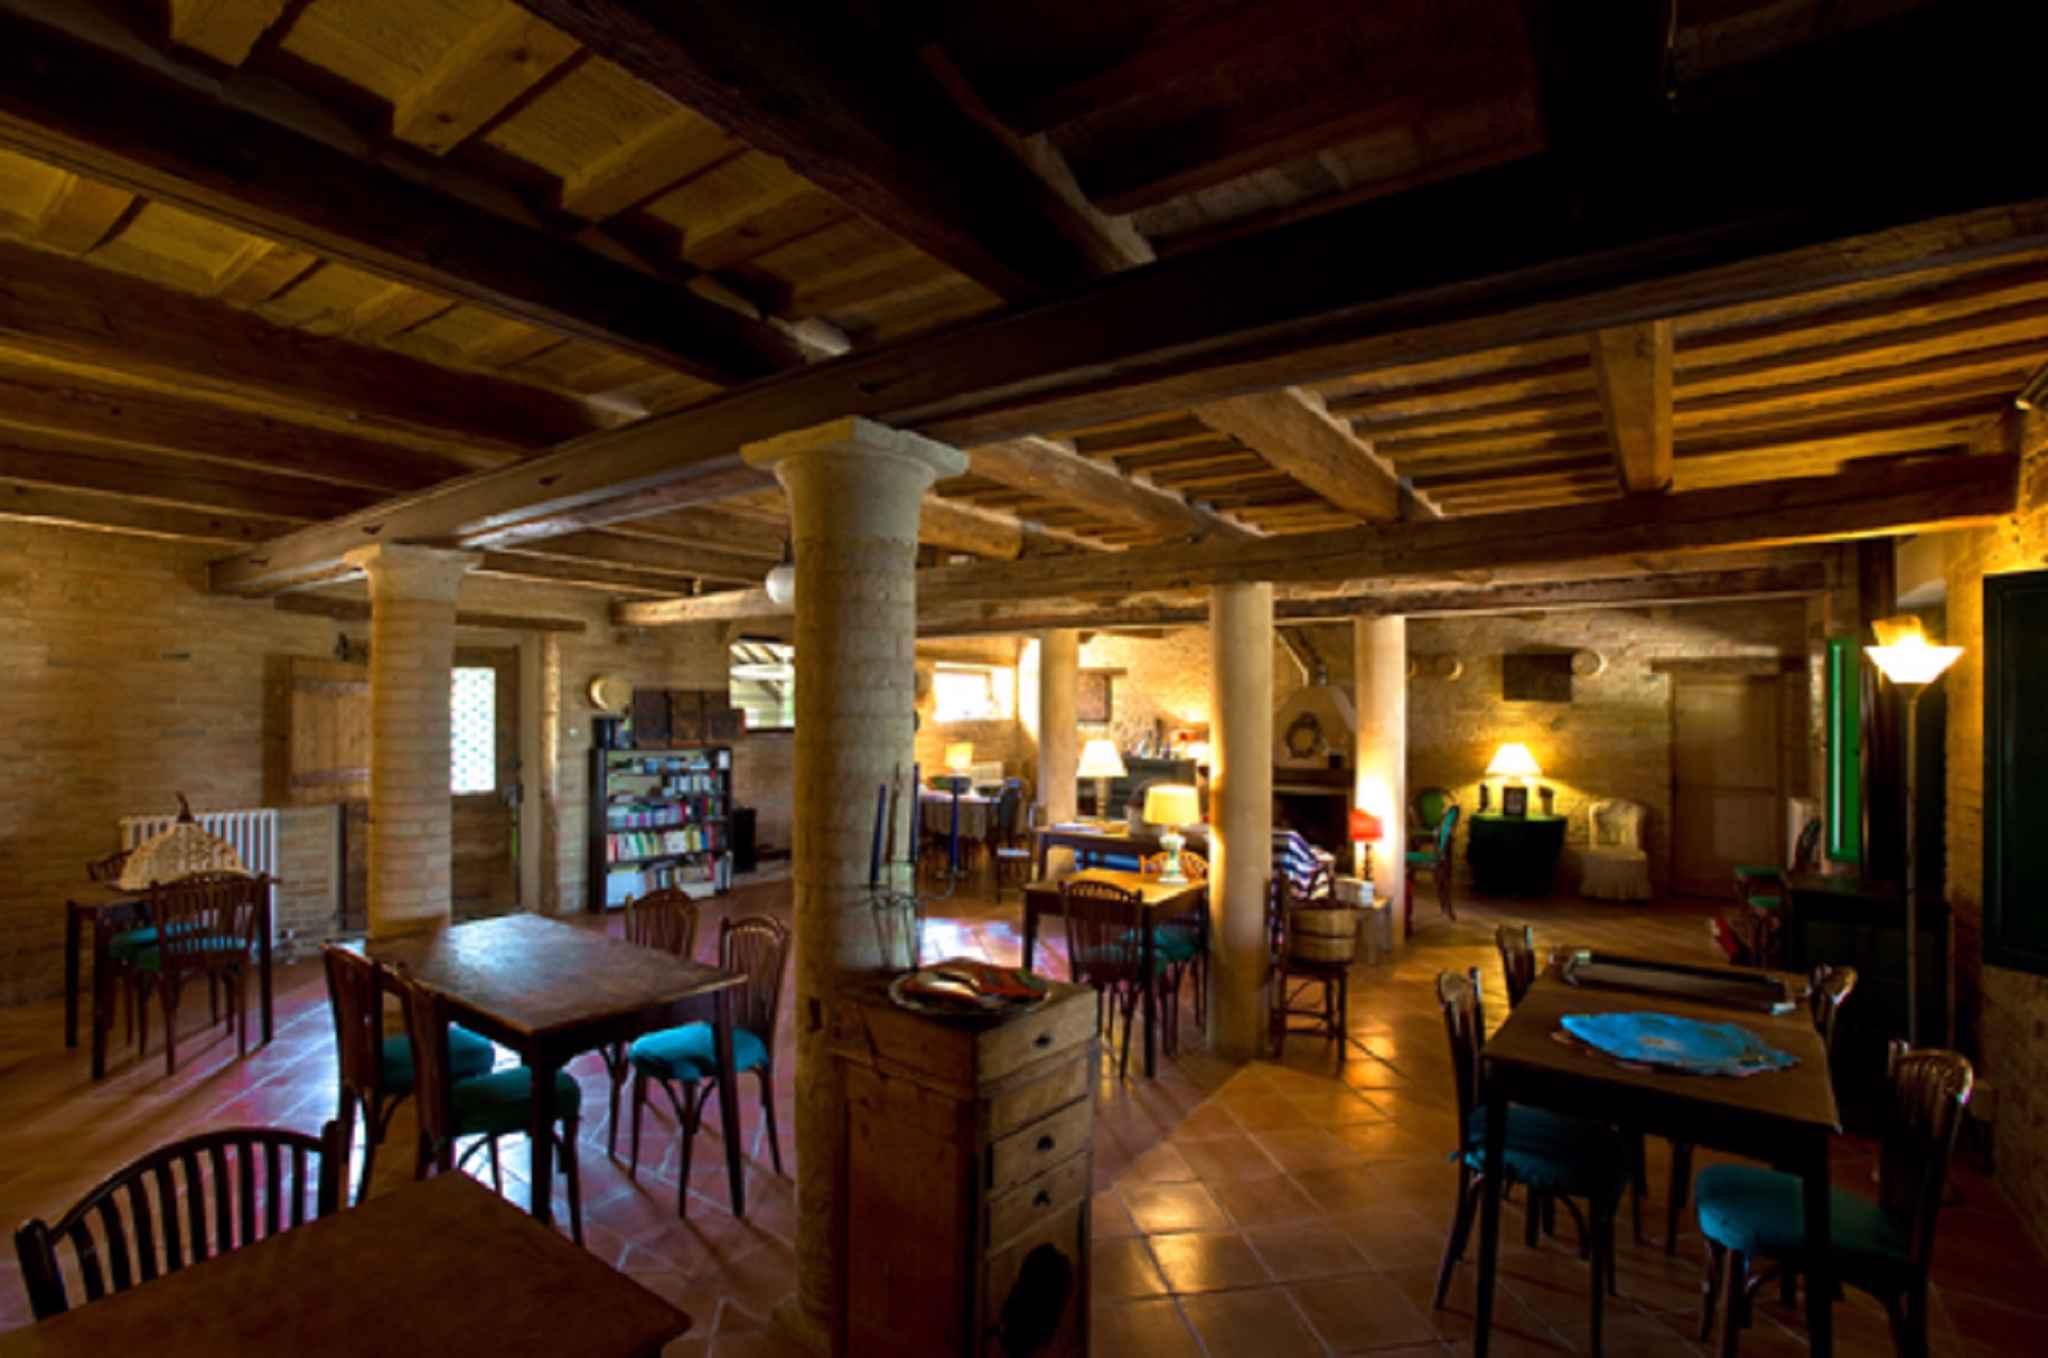 Ferienhaus per 15 persone con piscina (602147), Jesi, Ancona, Marken, Italien, Bild 15